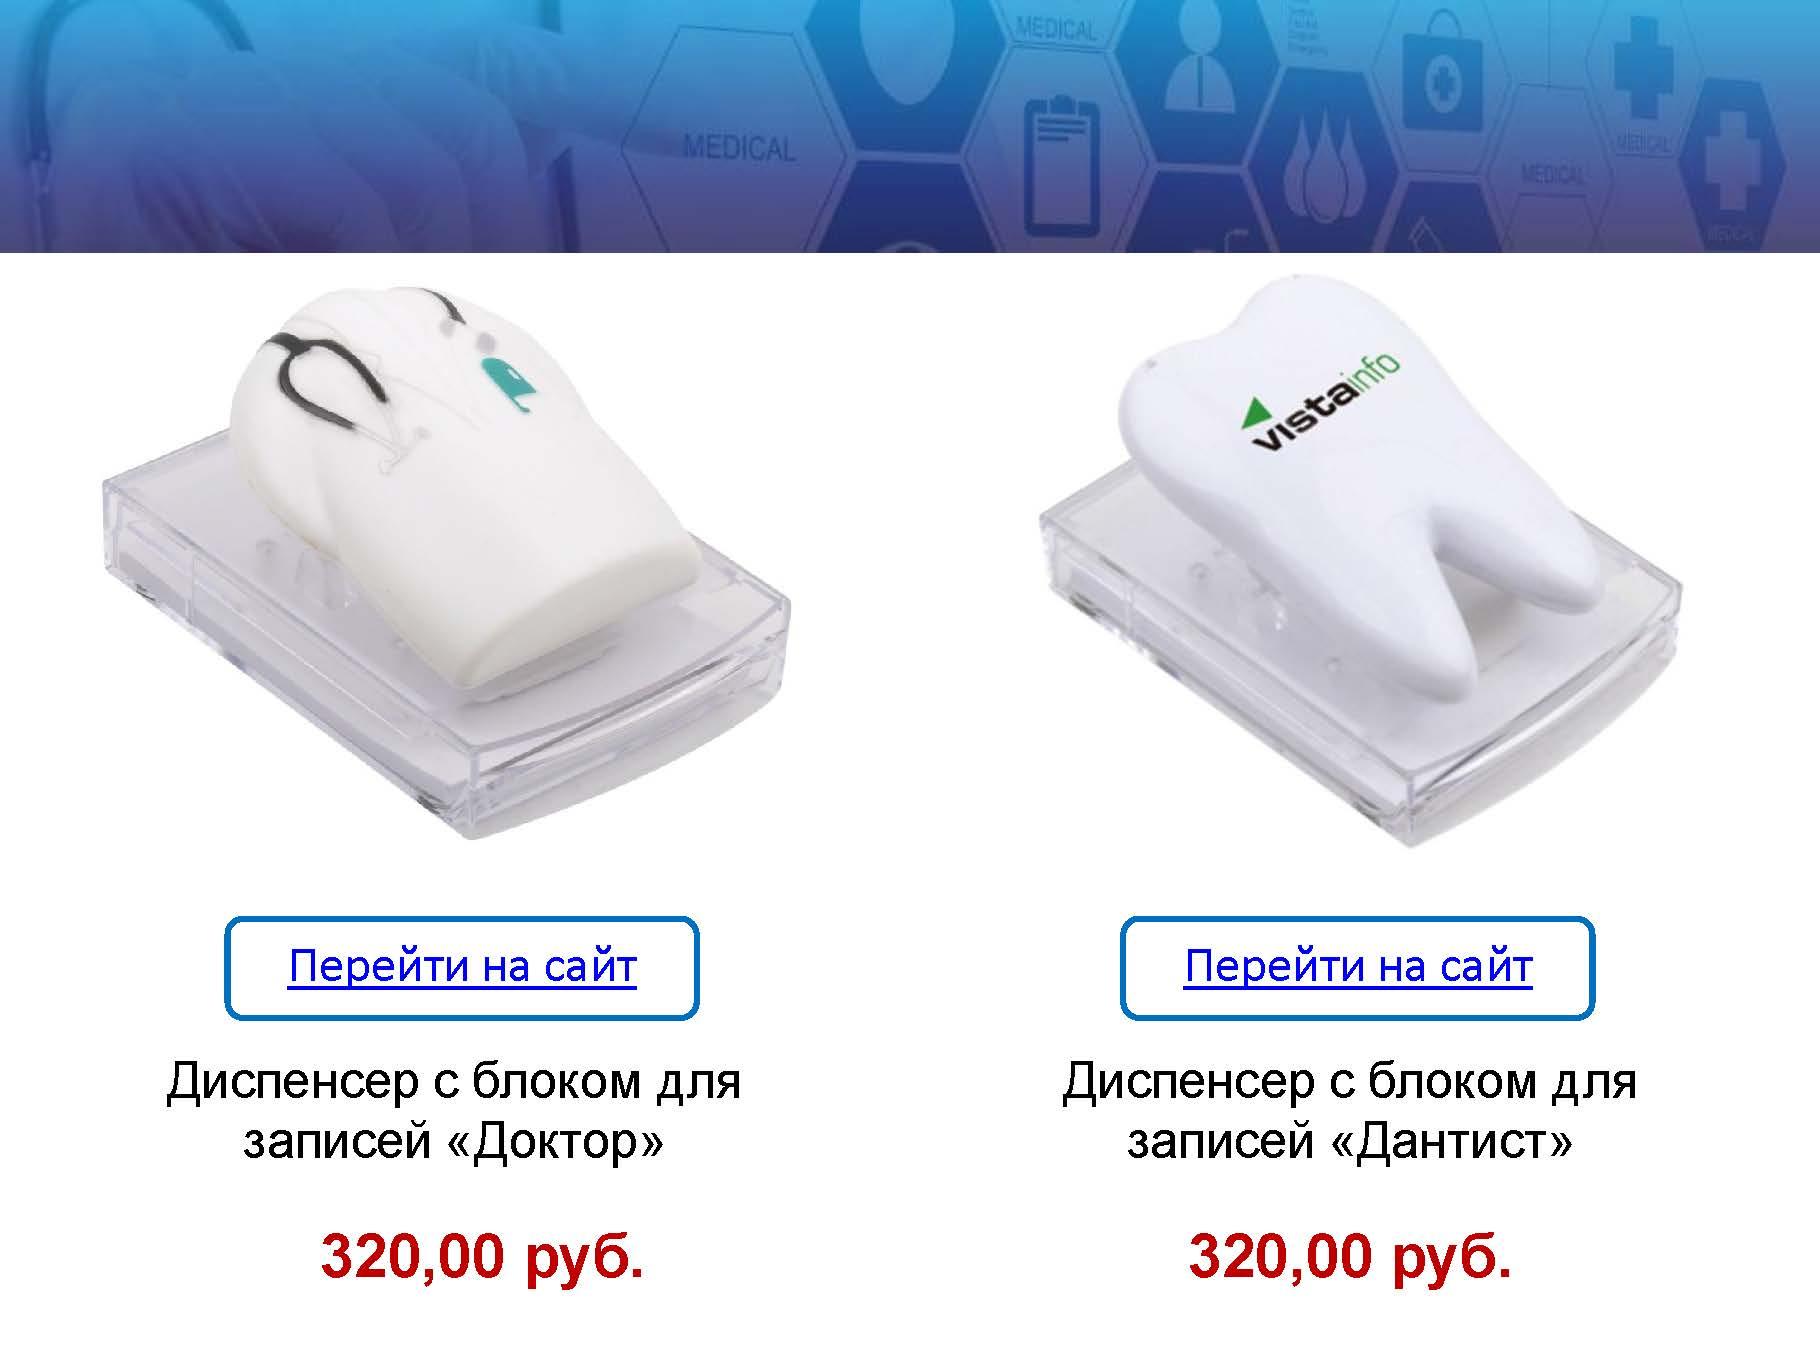 Den-medicinskogo-rabotnika_19.06.16_Страница_02